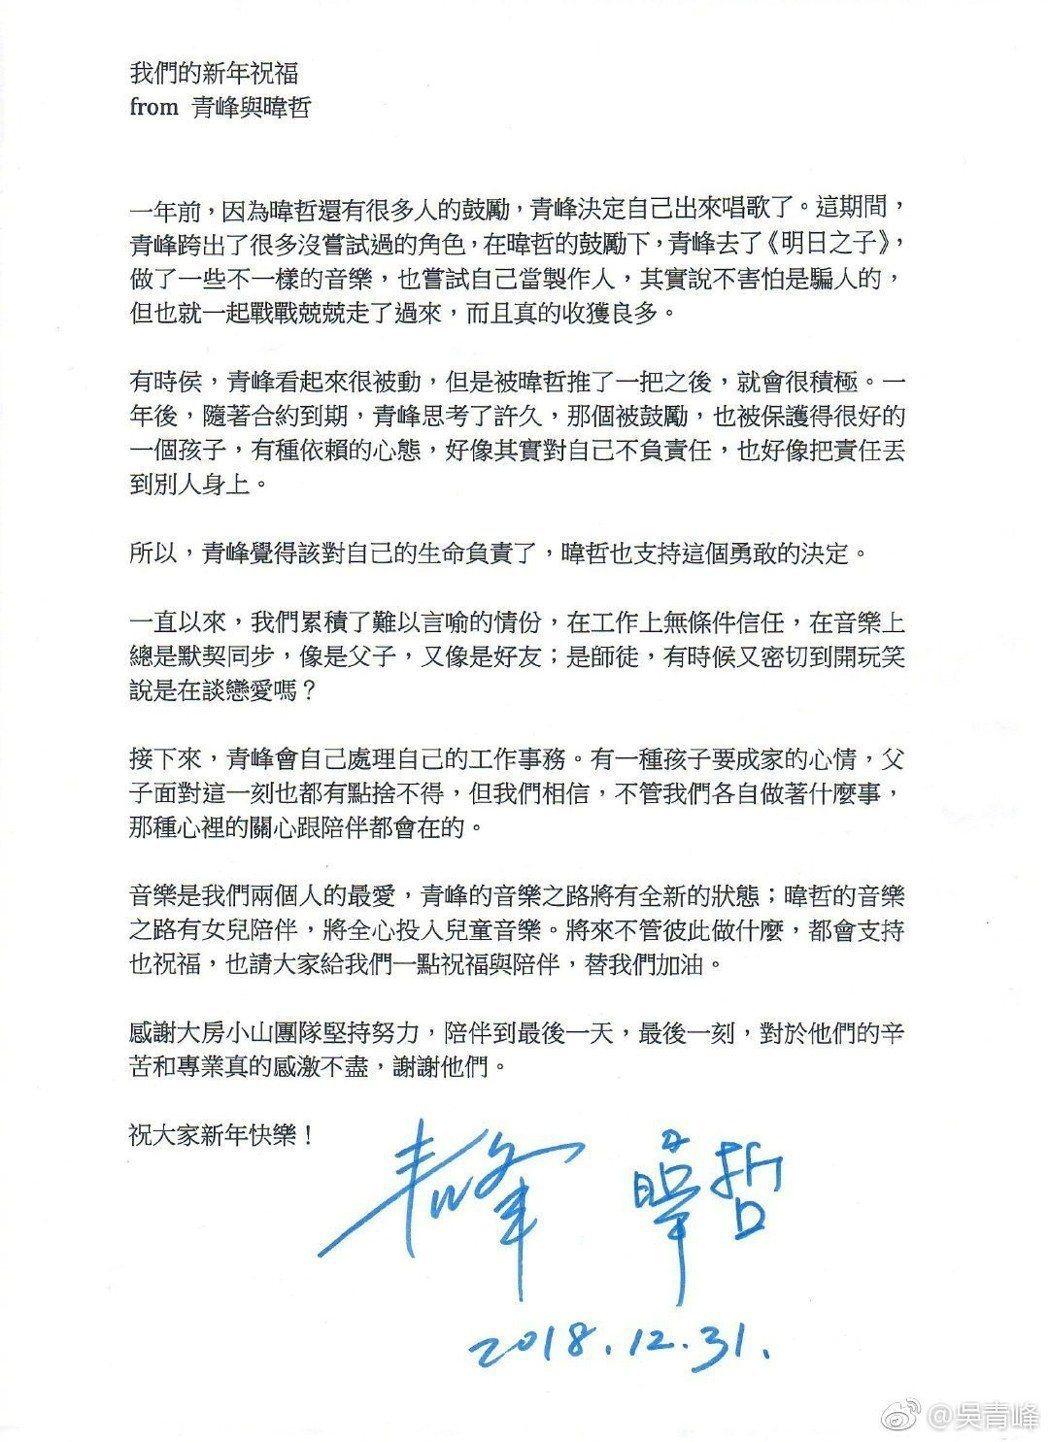 吳青峰、林暐哲去年發表結束合作的共同聲明。圖/摘自微博